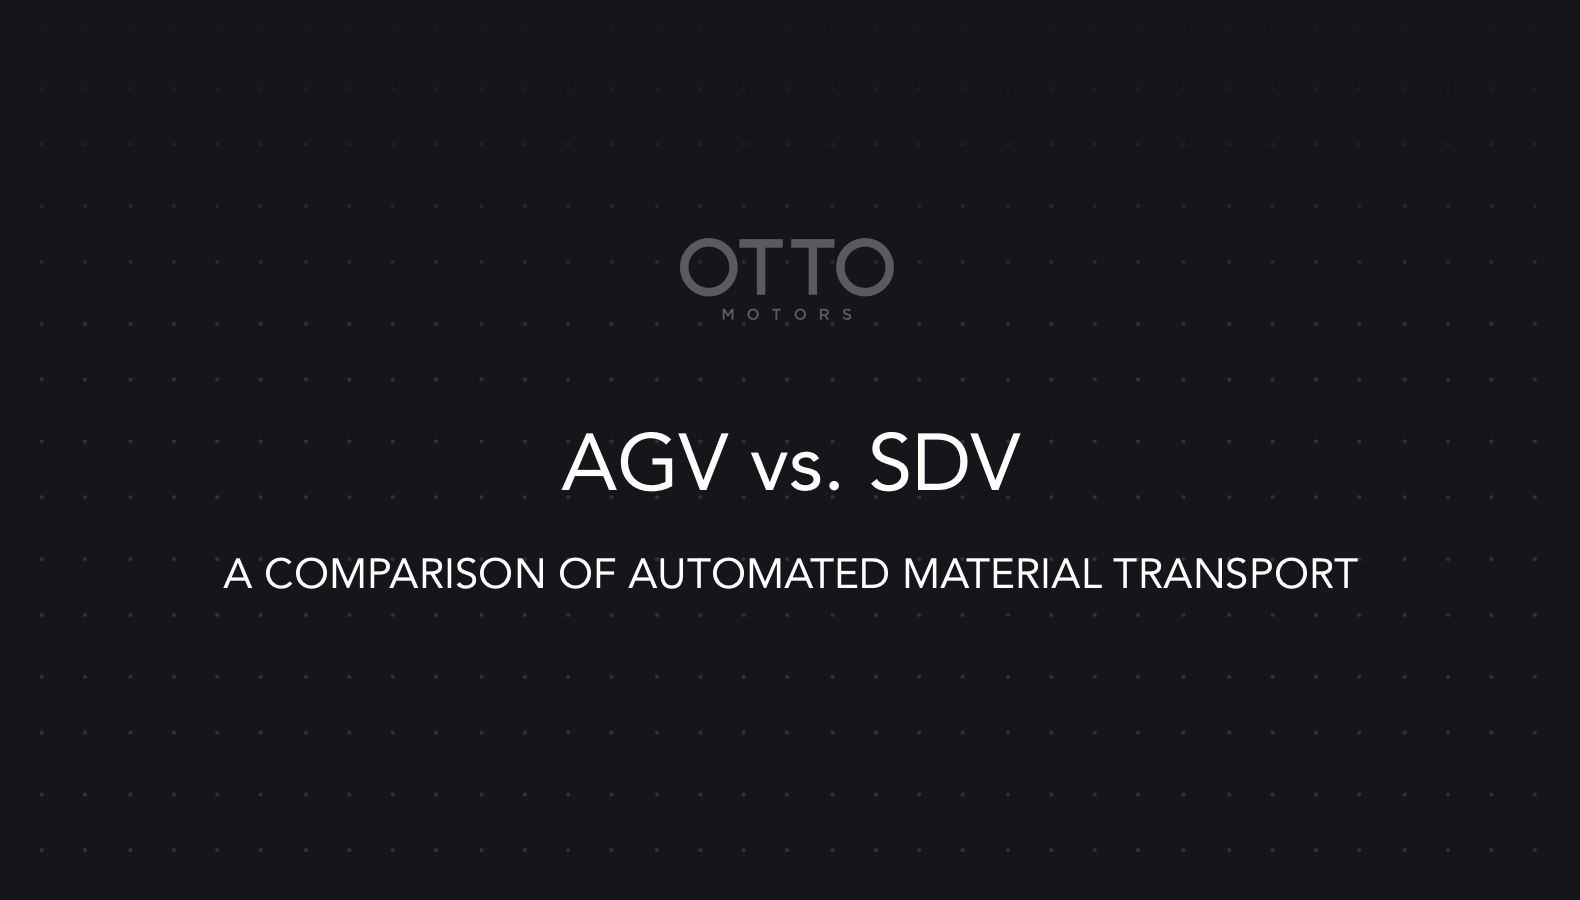 AGVs vs SDVs